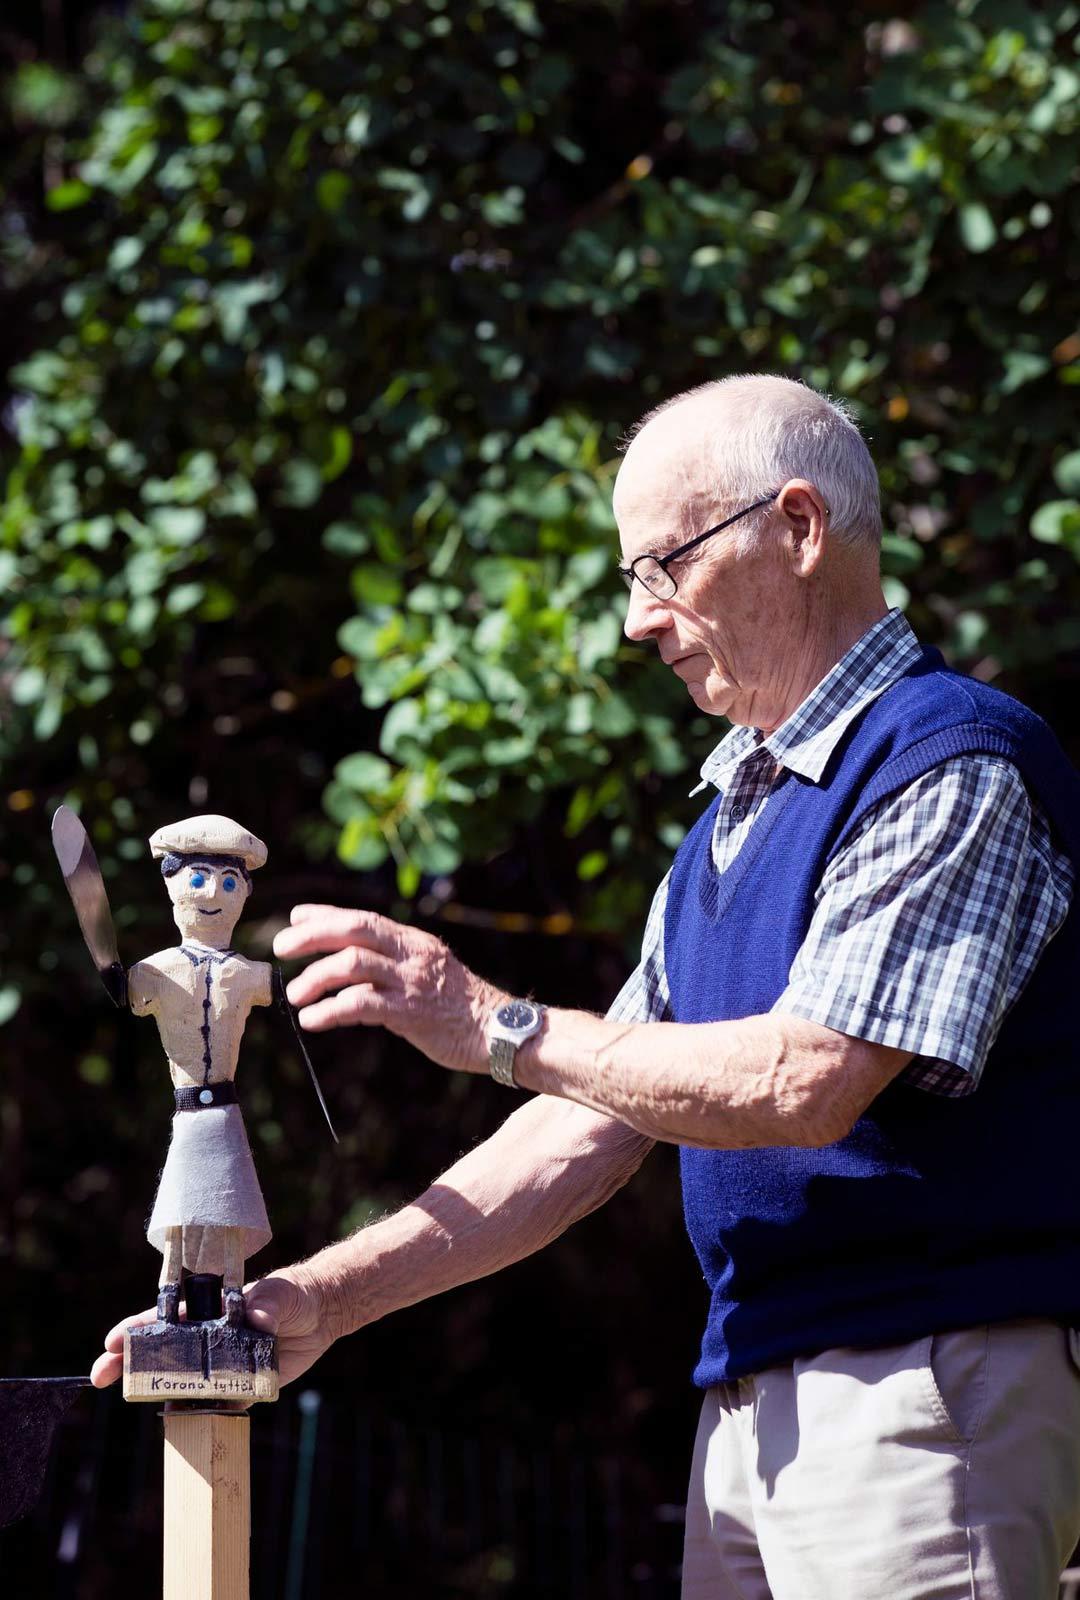 """Risto Suomisen luovuus näkyy monin tavoin. Kevään aikana syntyi takapihalle teos Koronatyttö. """"Tekstejäni olen nauhoittanut lapsenlapsille muistoksi saamallani kasettisoittimella."""""""